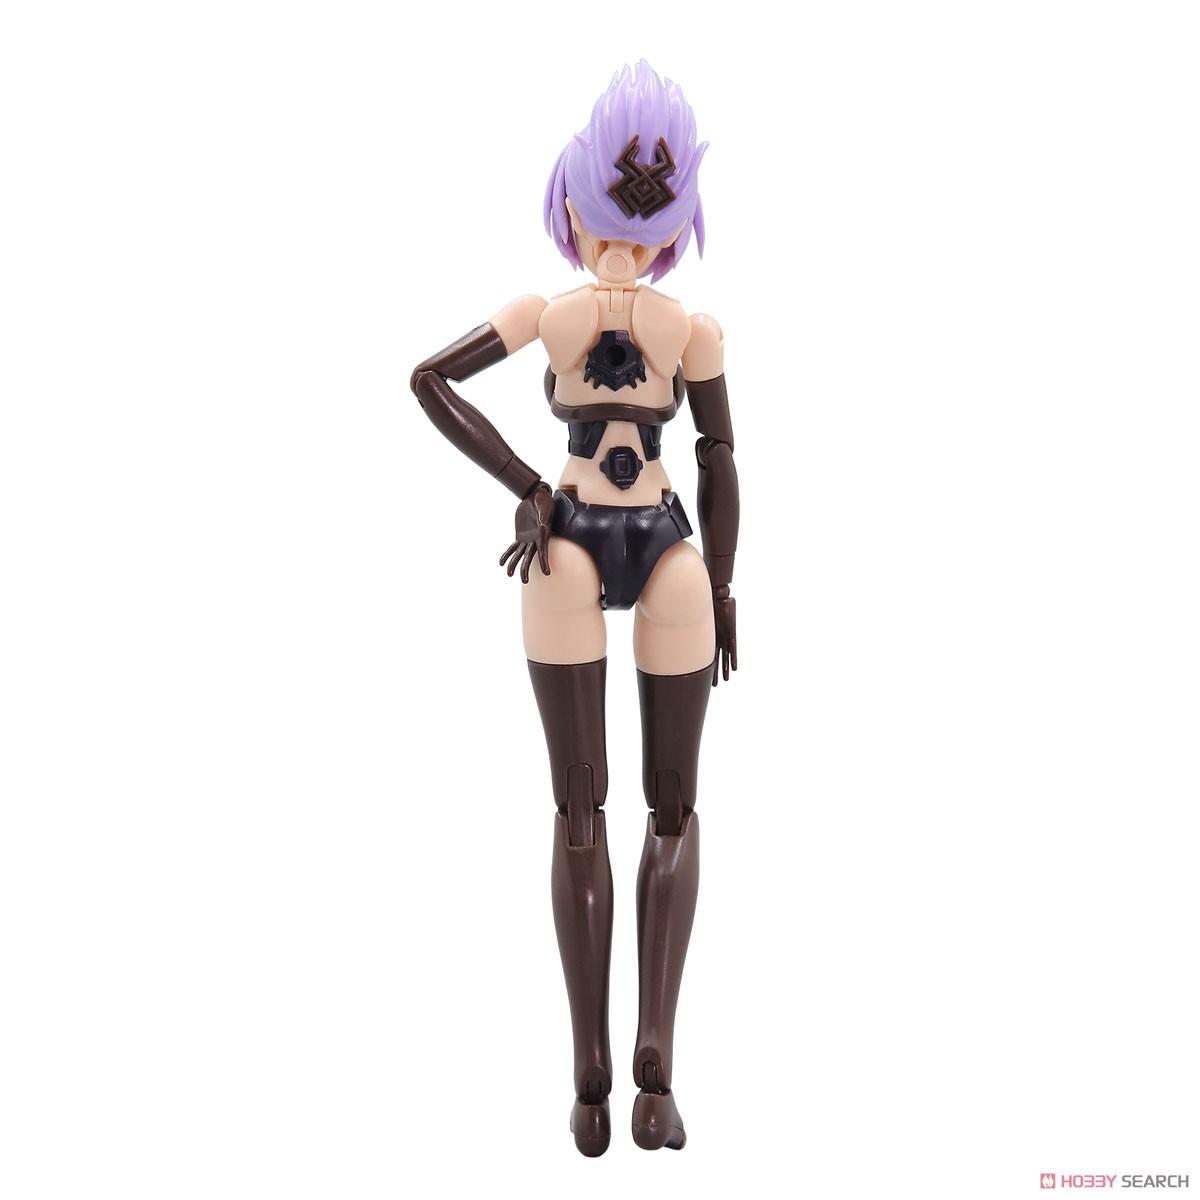 ATKガール『A.T.K.GIRL ARACHNE 2.0』1/12 プラモデル-003